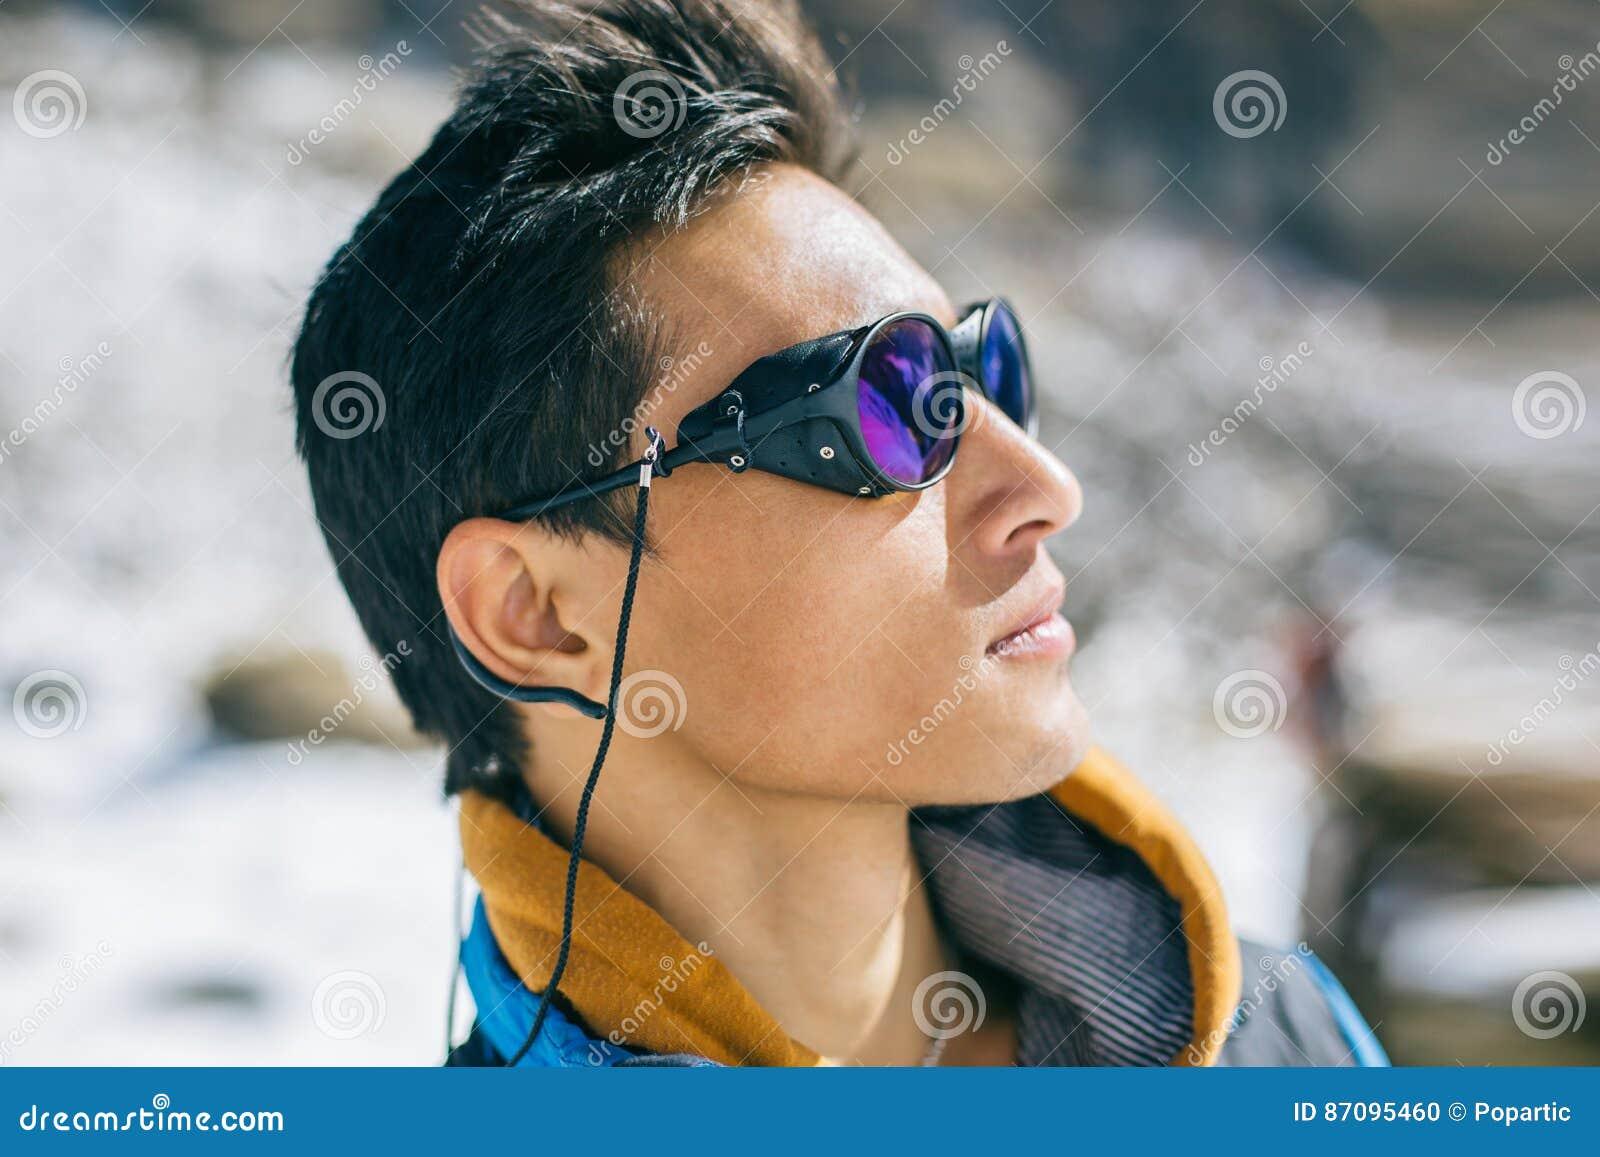 Di 87095460 Guida Alpinista StockImmagine Fotografia Sherpa LSAc4q53Rj